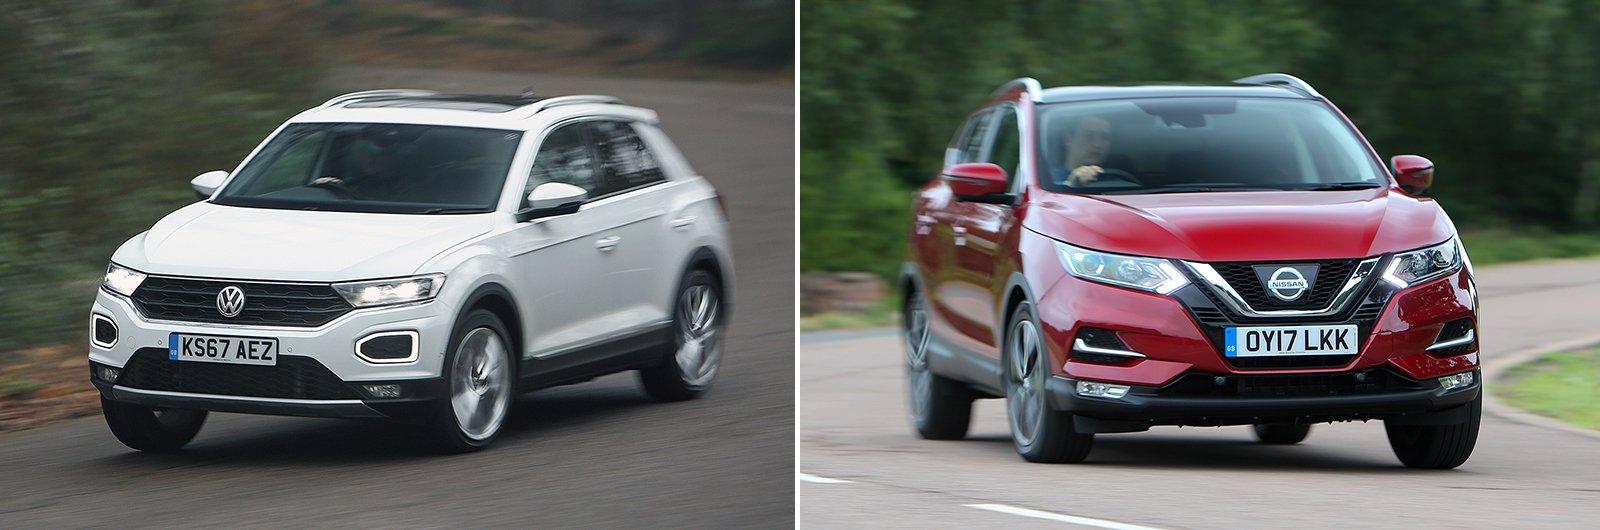 Arona vs Ateca competitors: Volkswagen T-Roc and Nissan Qashqai